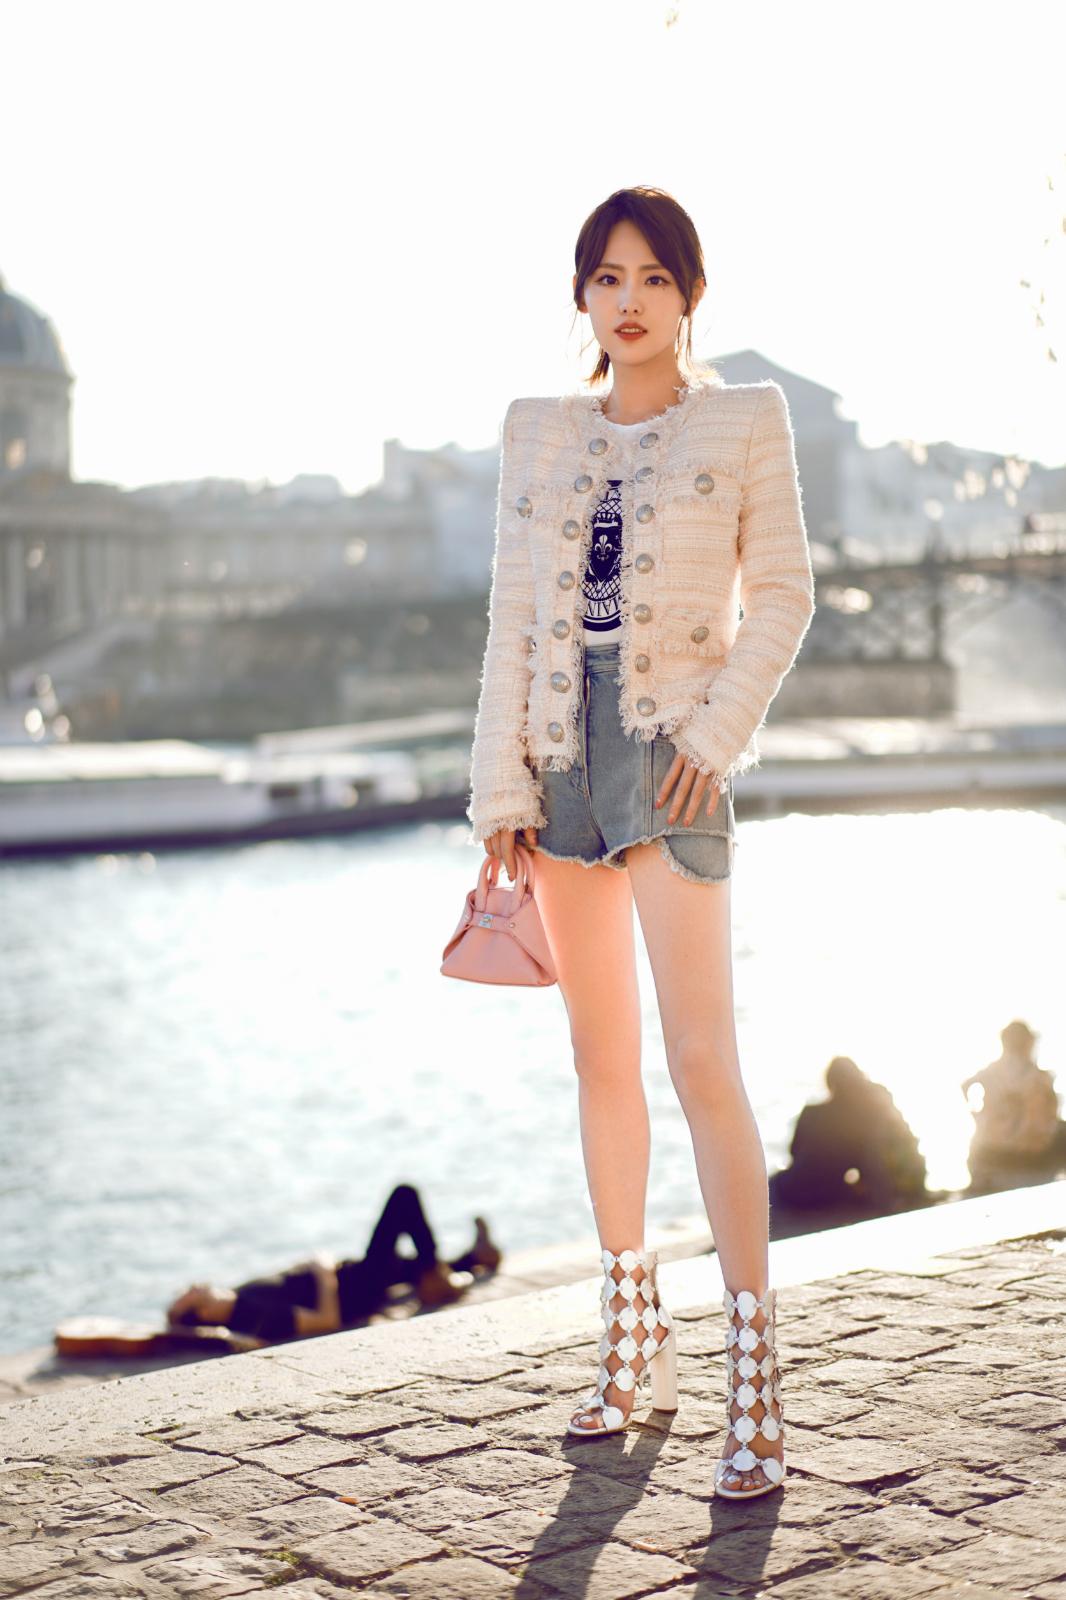 幸福女王张嘉倪震撼巴黎时装周 7组造型魅力全开